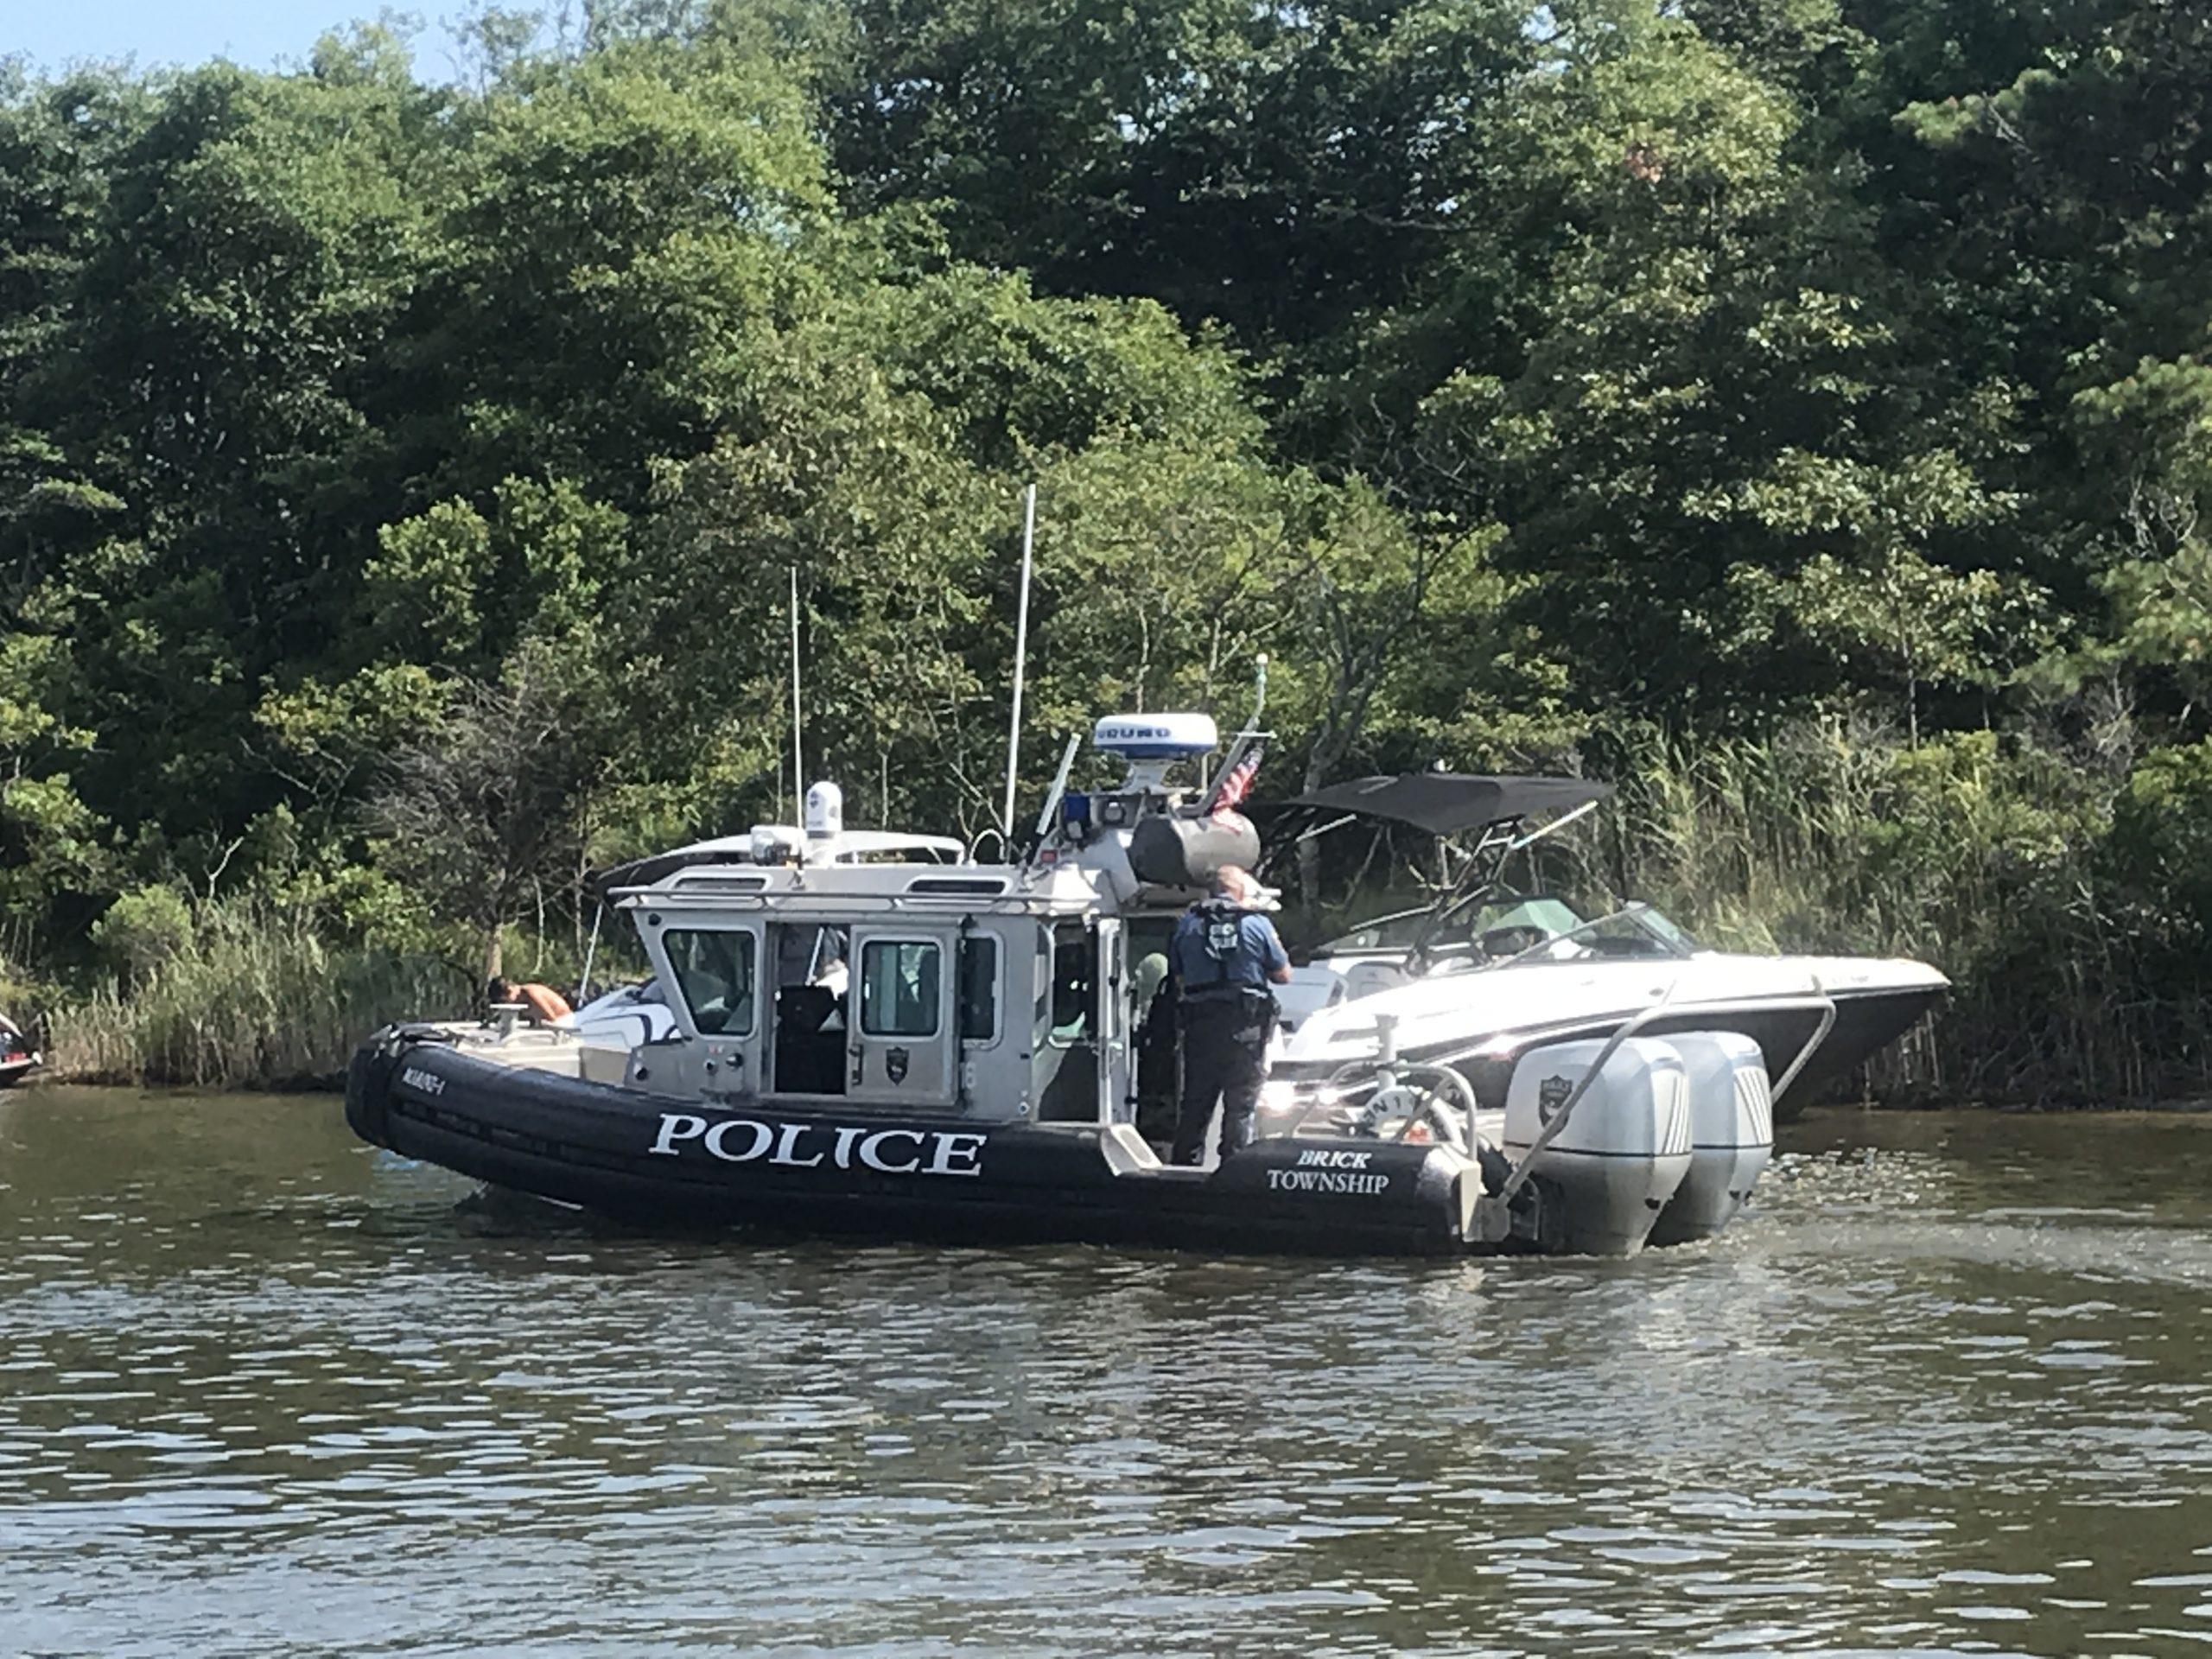 A Brick police boat in F-Cove, Brick Township. (Photo: Daniel Nee)